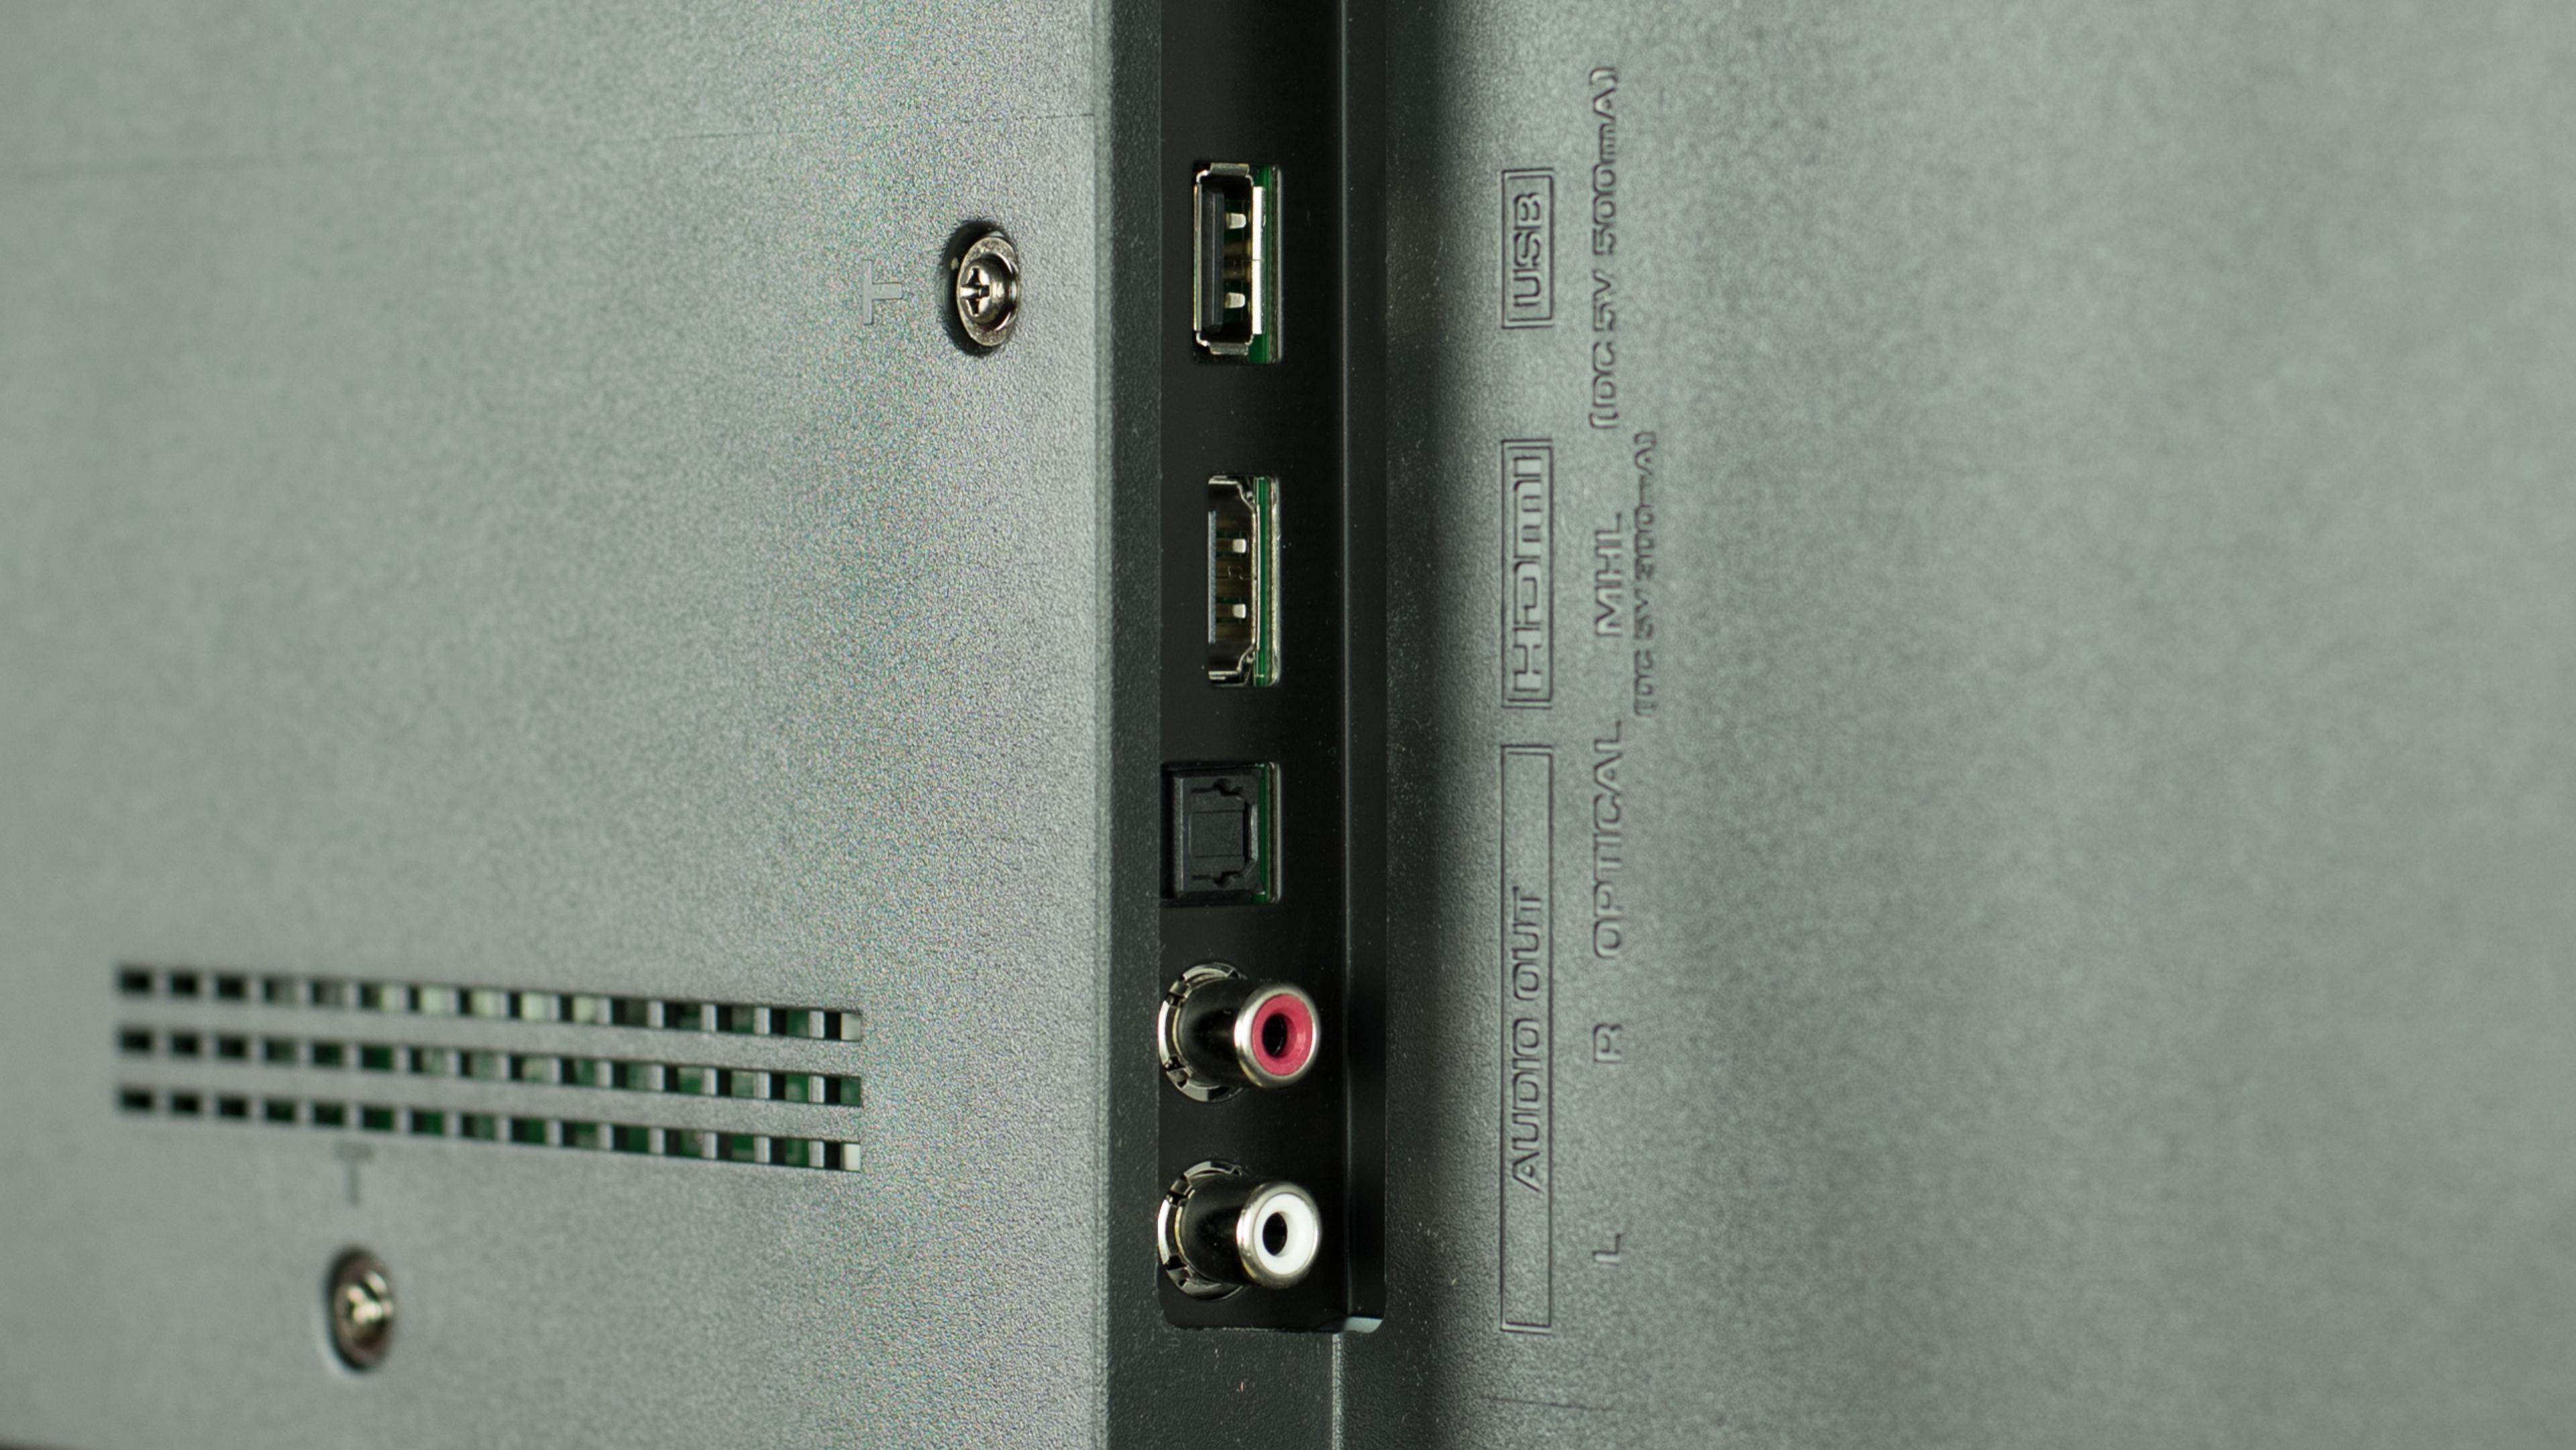 Sharp Le653u Review Lc 32le653u Lc 40le653u Lc 43le653u